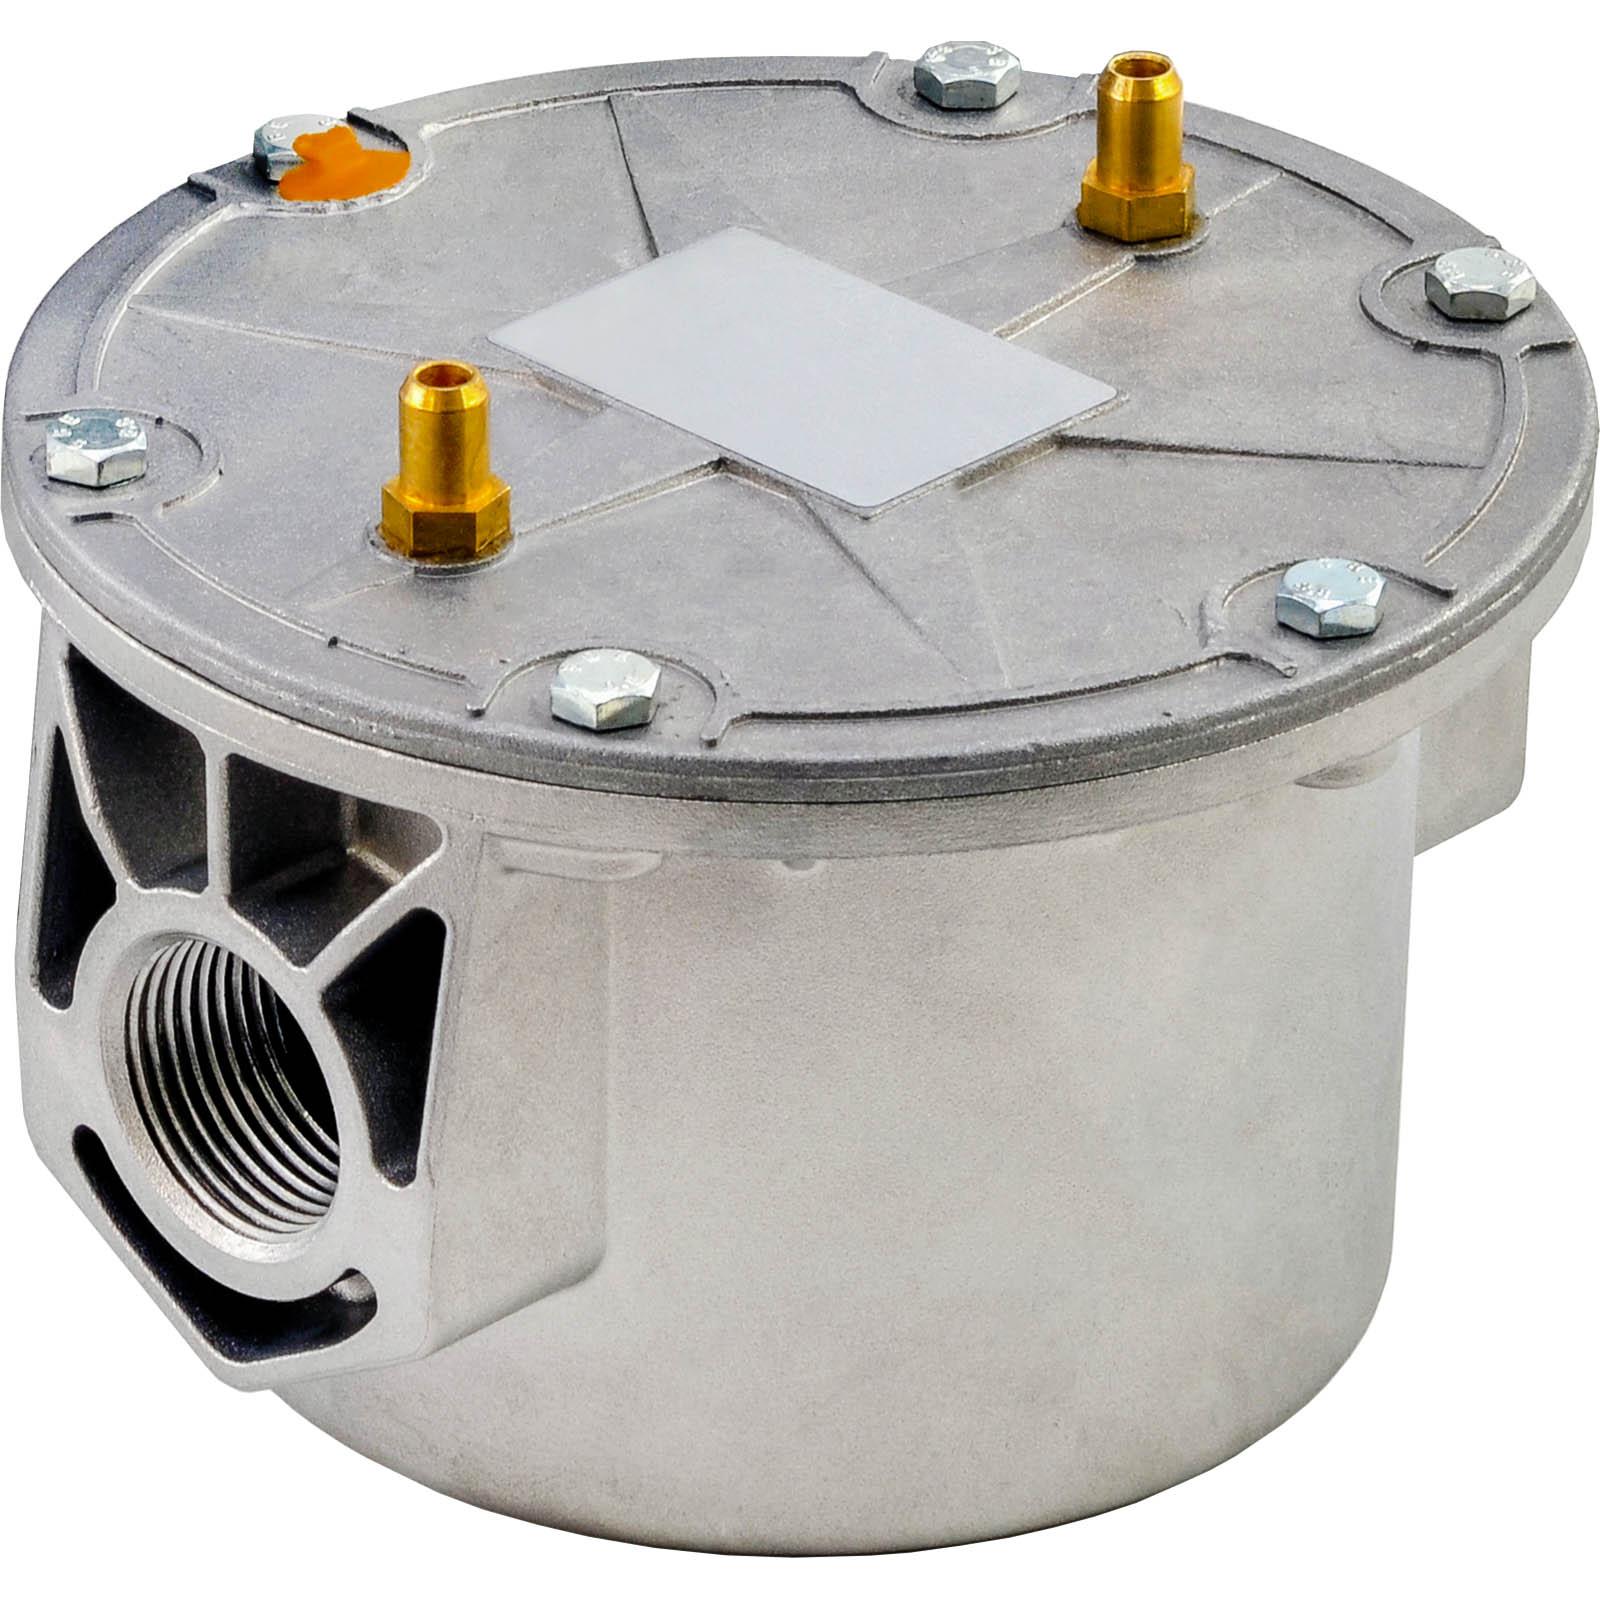 Фильтр газовый GF 510/1 DUNGS цена, купить